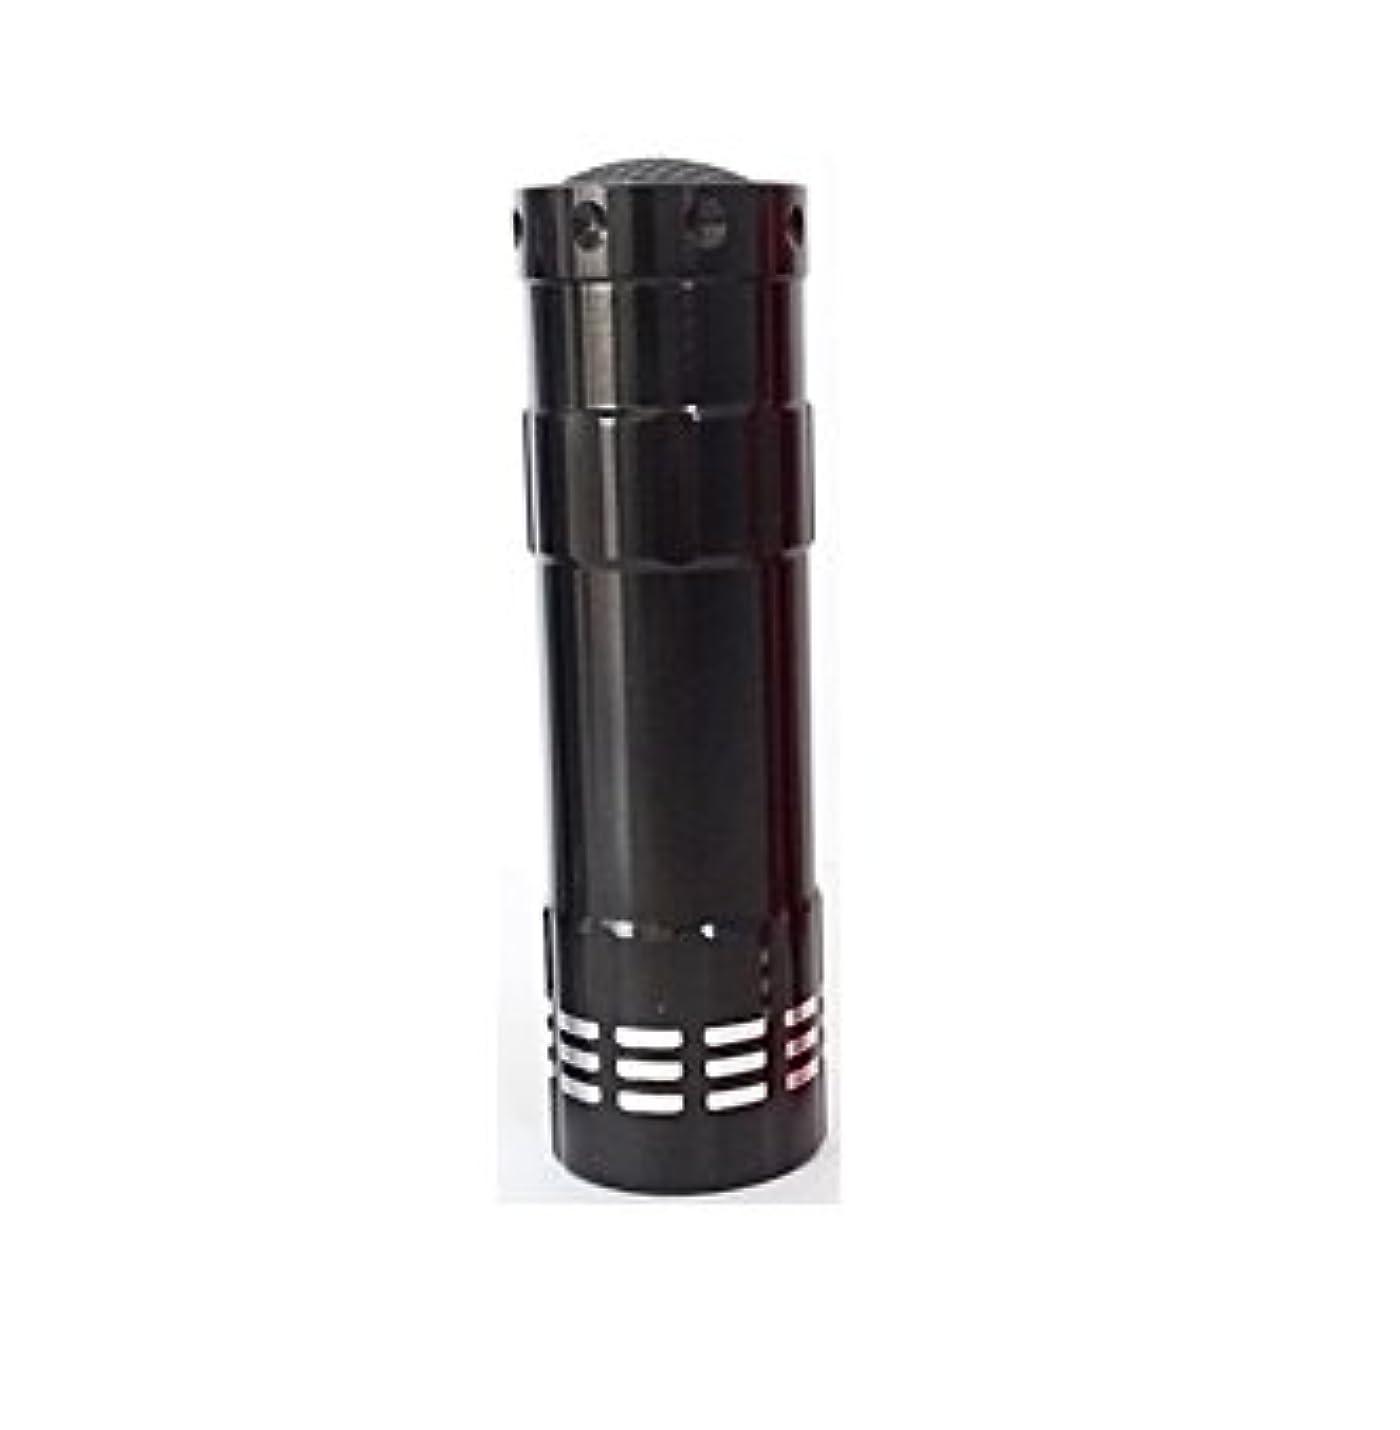 頼る幸運ブースト0.9W LED-UVライト ペンタイプ  全3色 LED-09-NEW (ブラック)